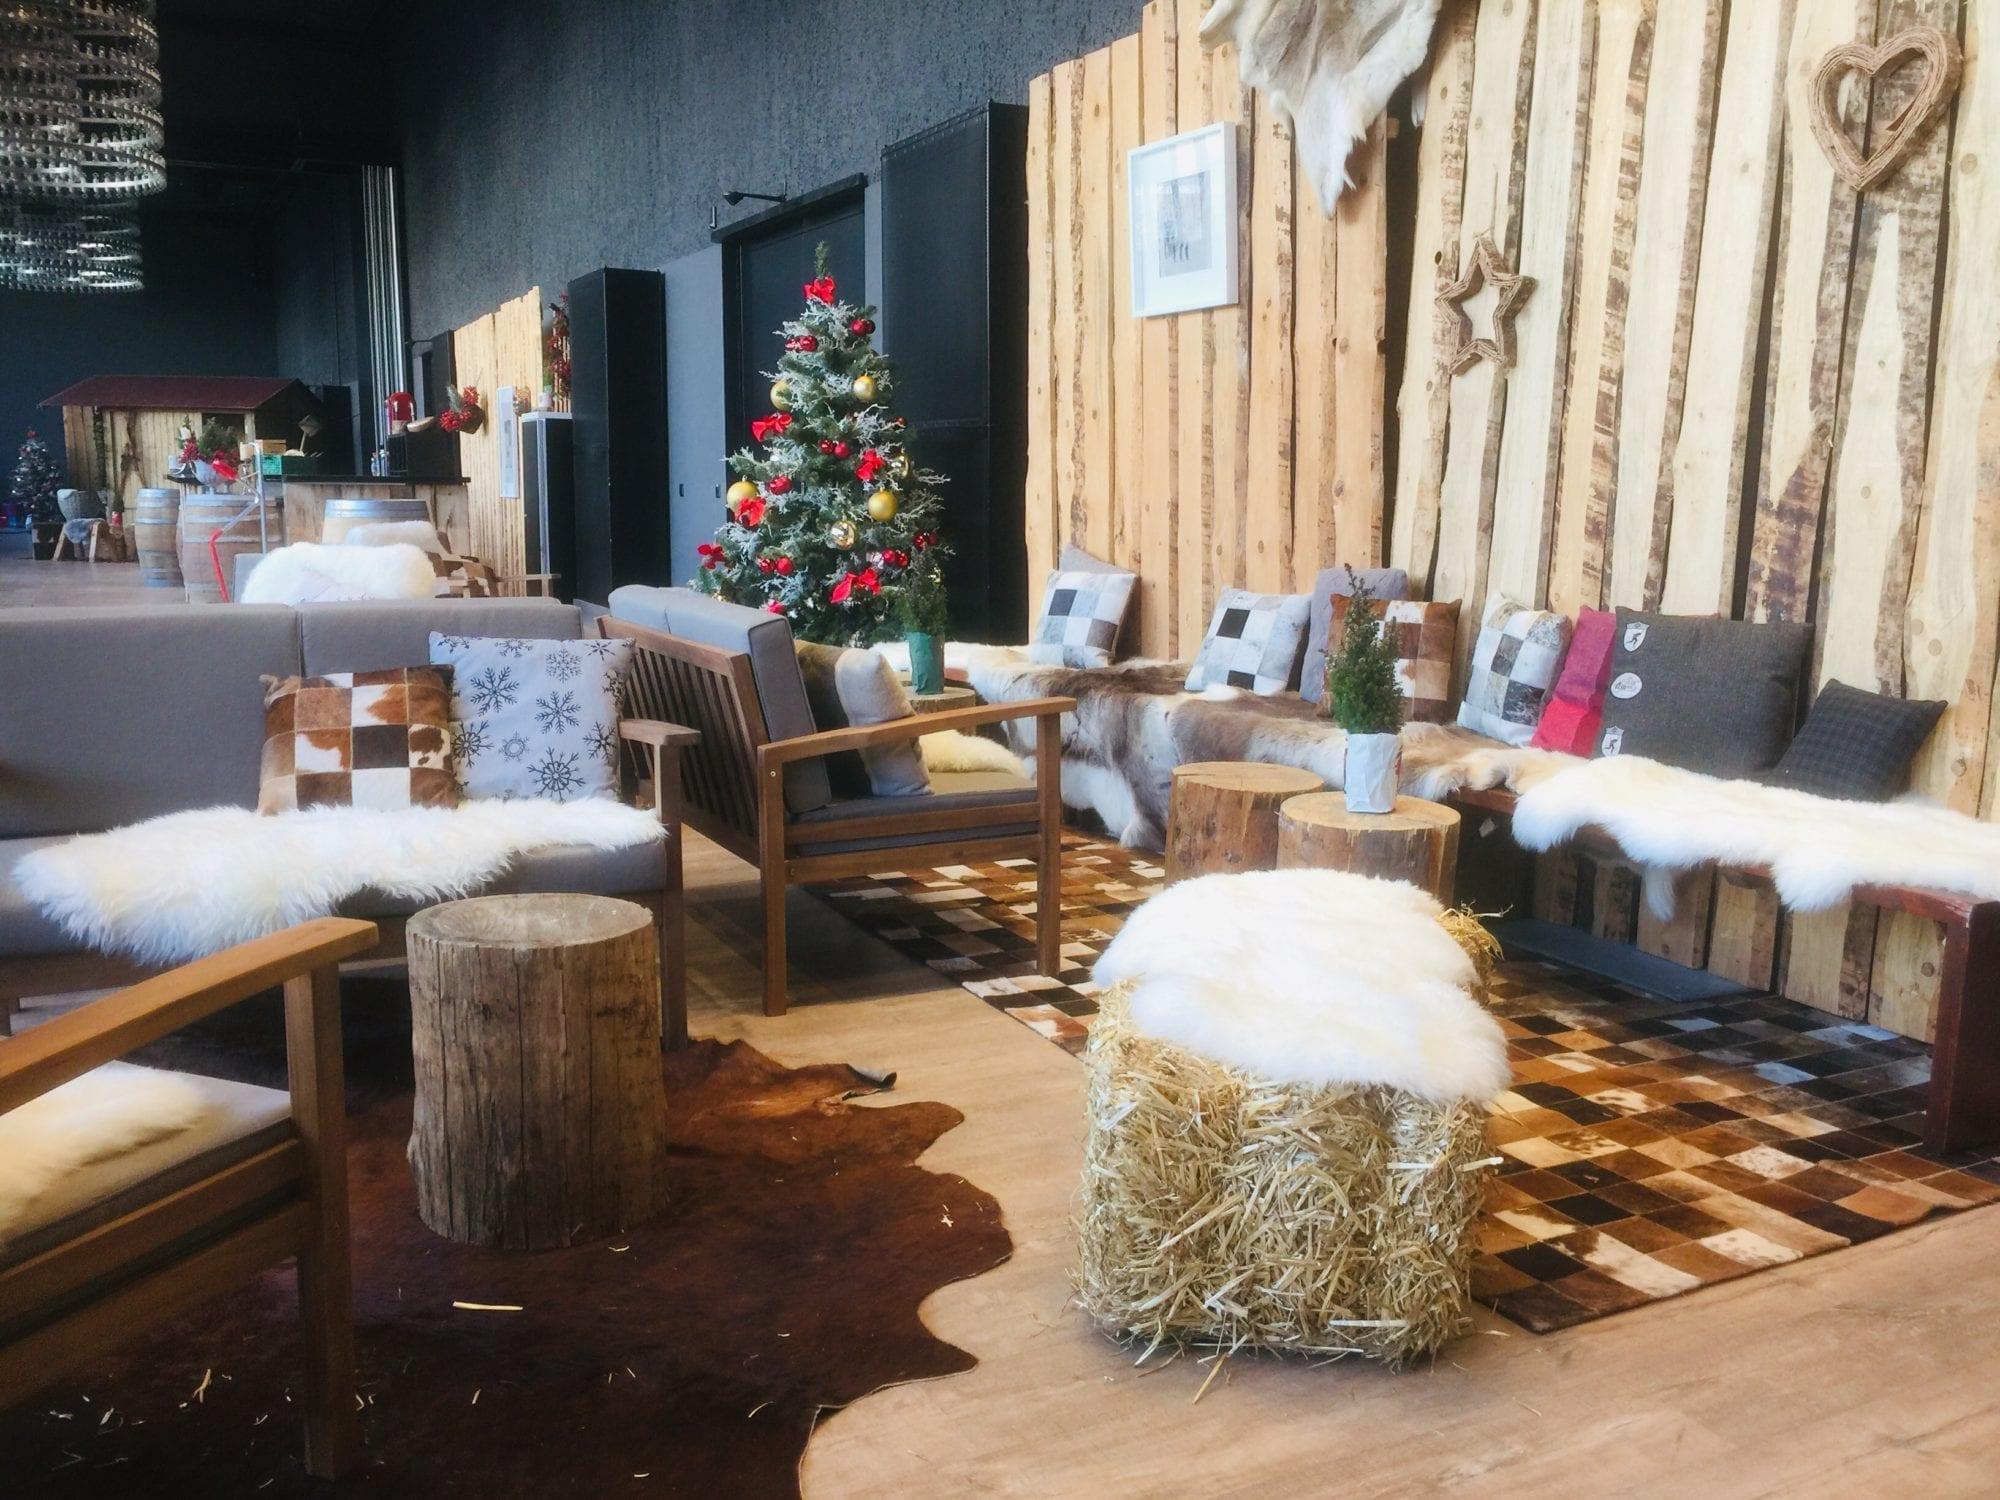 florida 2er sofa mieten rent-a-lounge 4